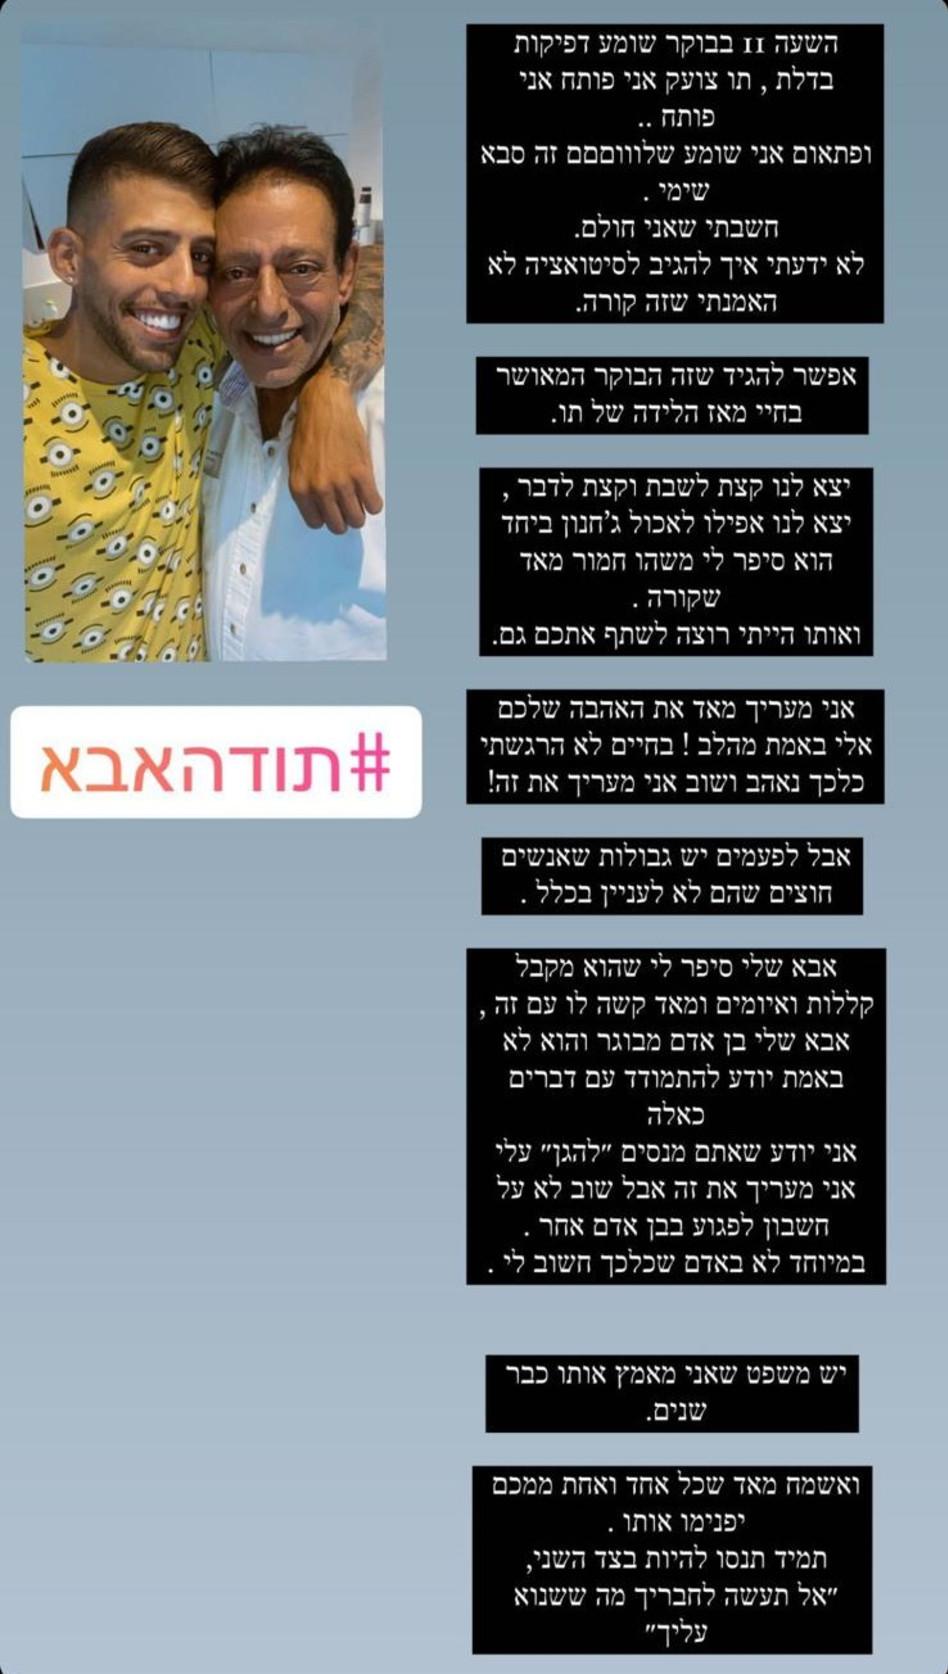 בן אל מספר על האיחוד עם אביו שימי  (צילום: אינסטגרם בן אל)